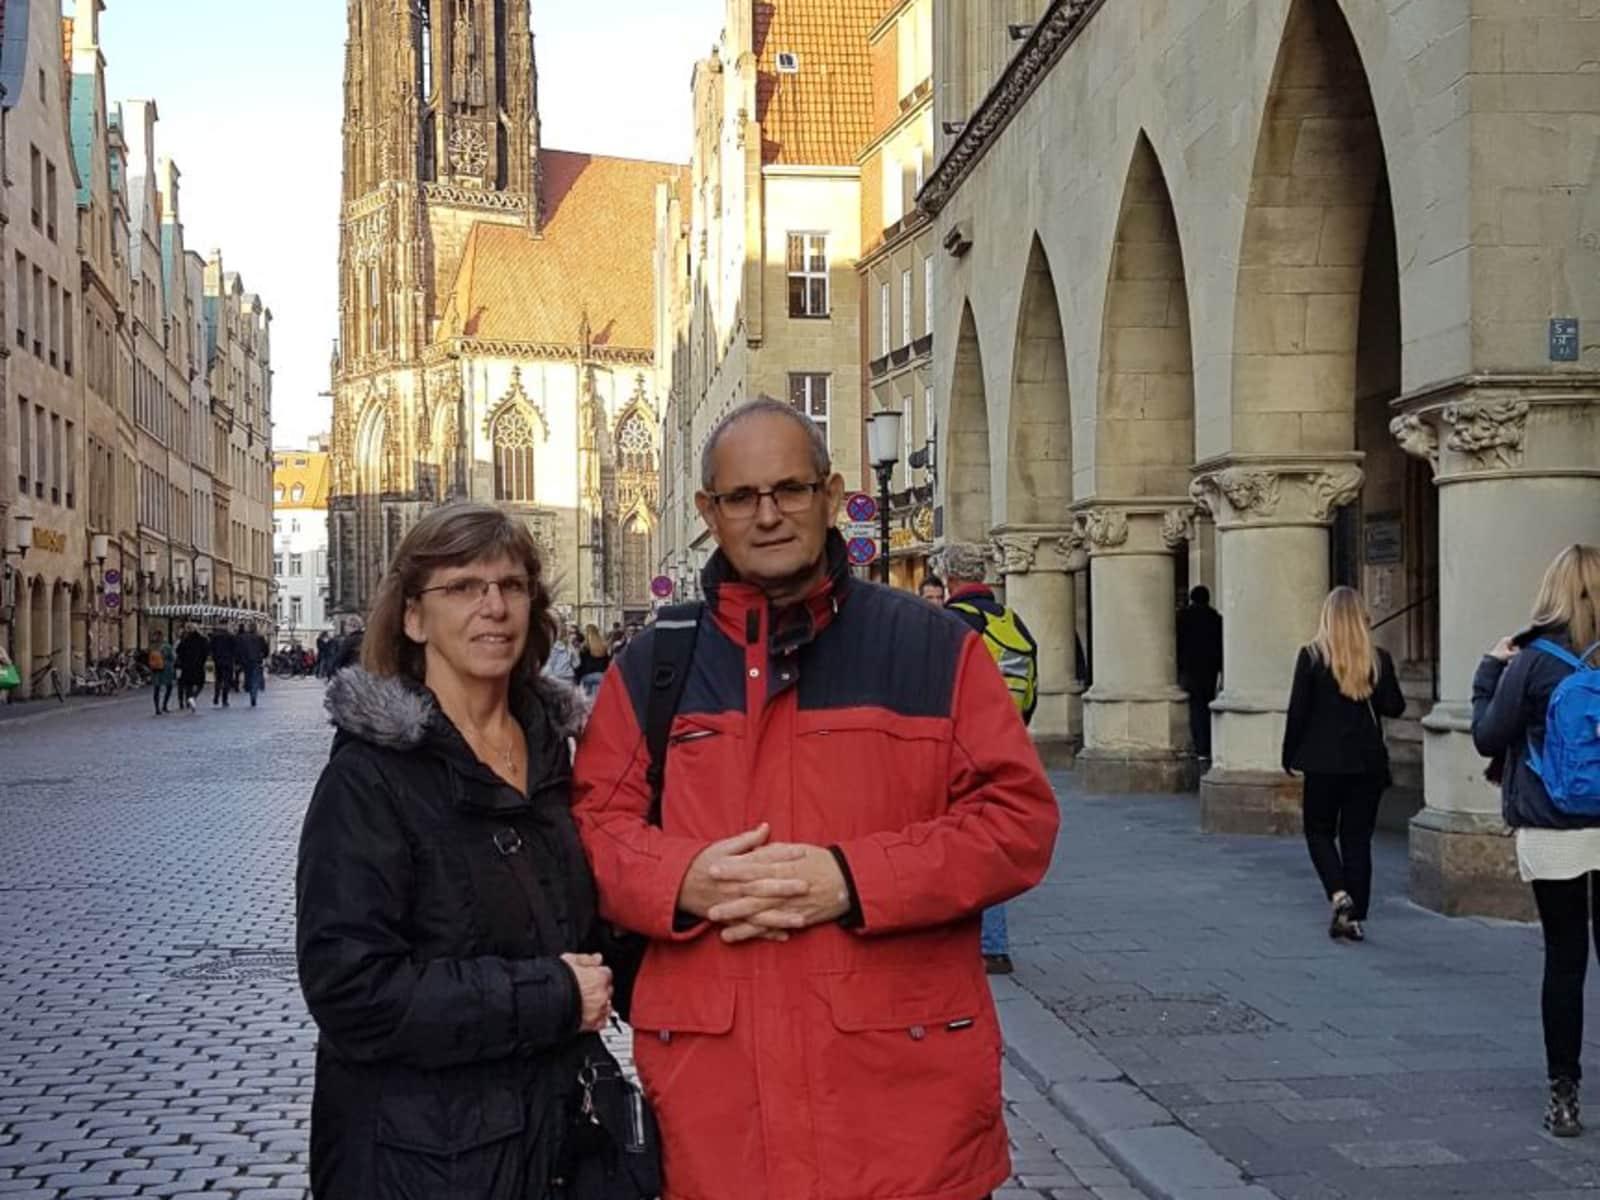 Greetje en tamme & Tamme from Lathen, Germany